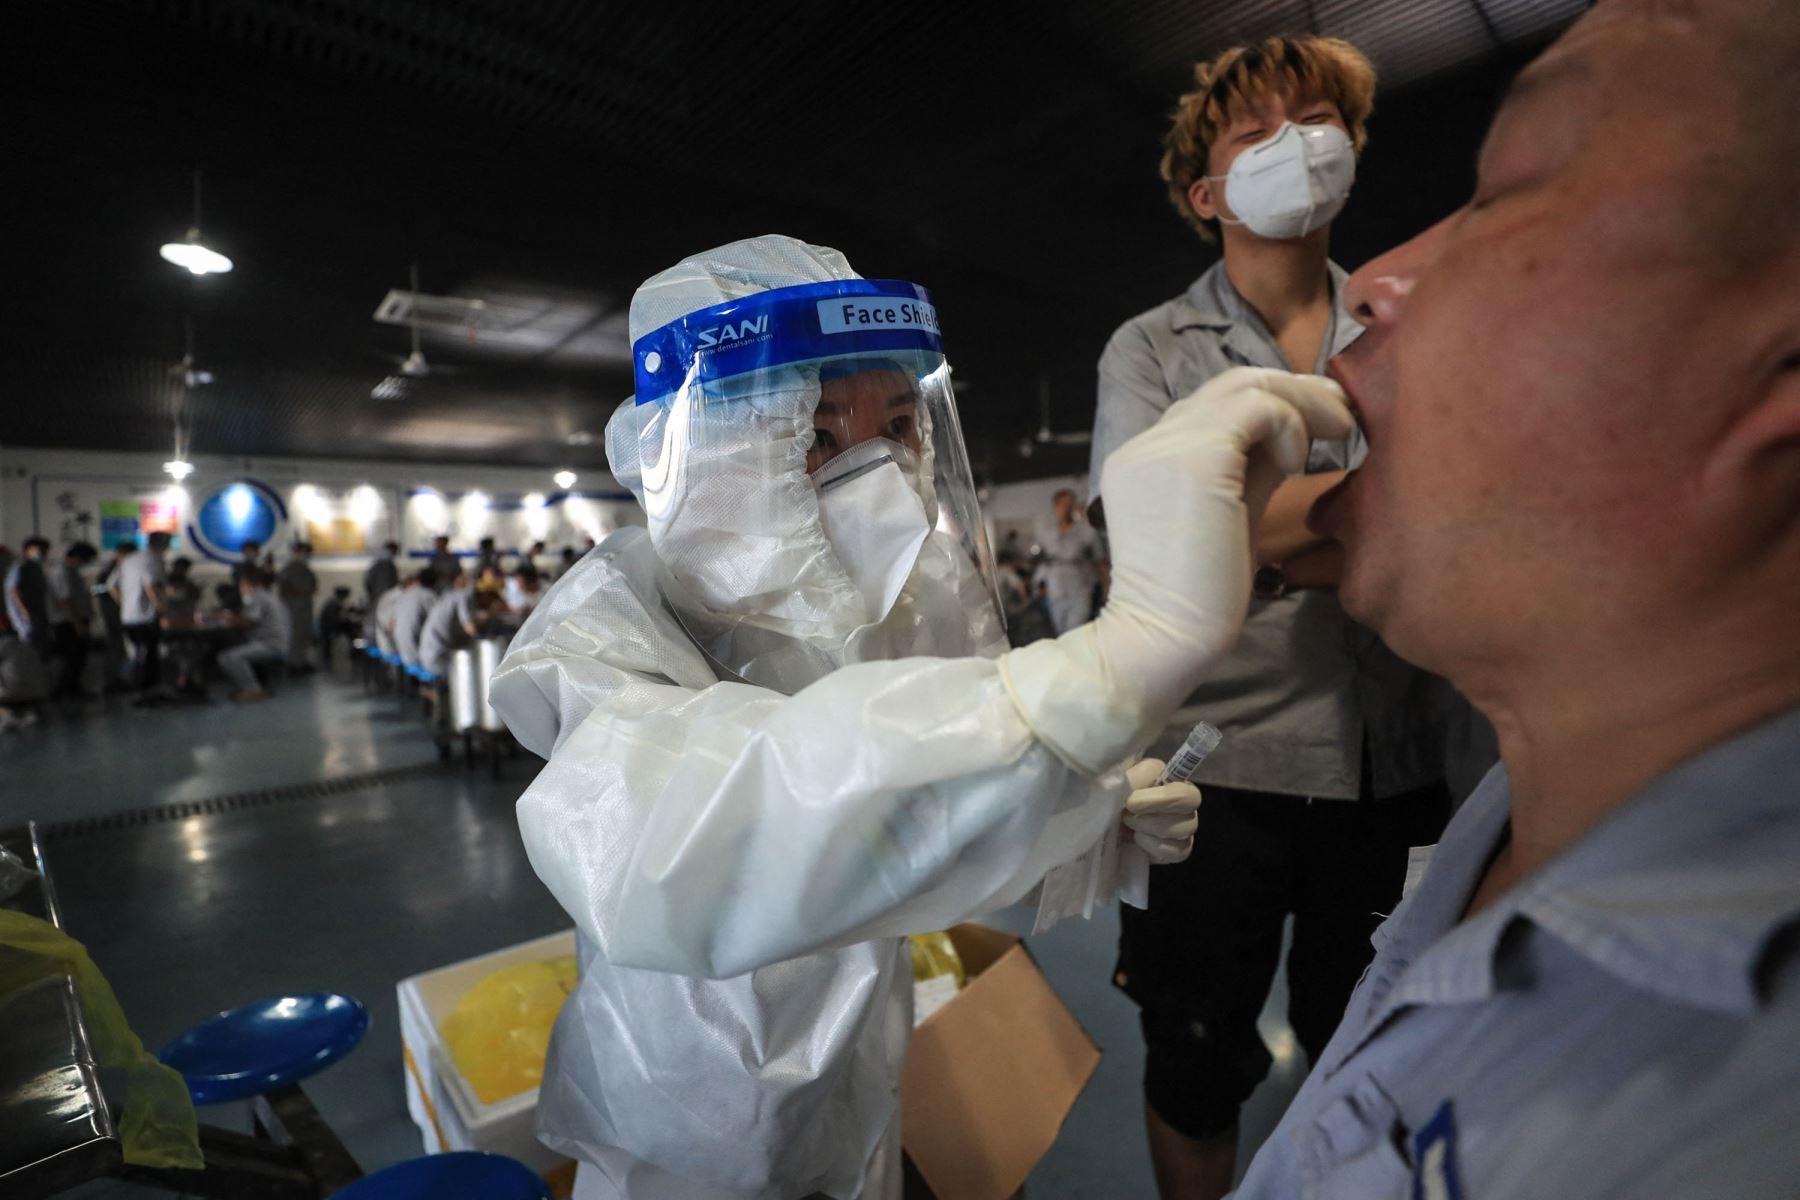 Un trabajador recibe una prueba de ácido nucleico para el coronavirus  en el comedor de una fábrica de piezas de automóviles en Wuhan, en la provincia central de Hubei, China. Foto: AFP